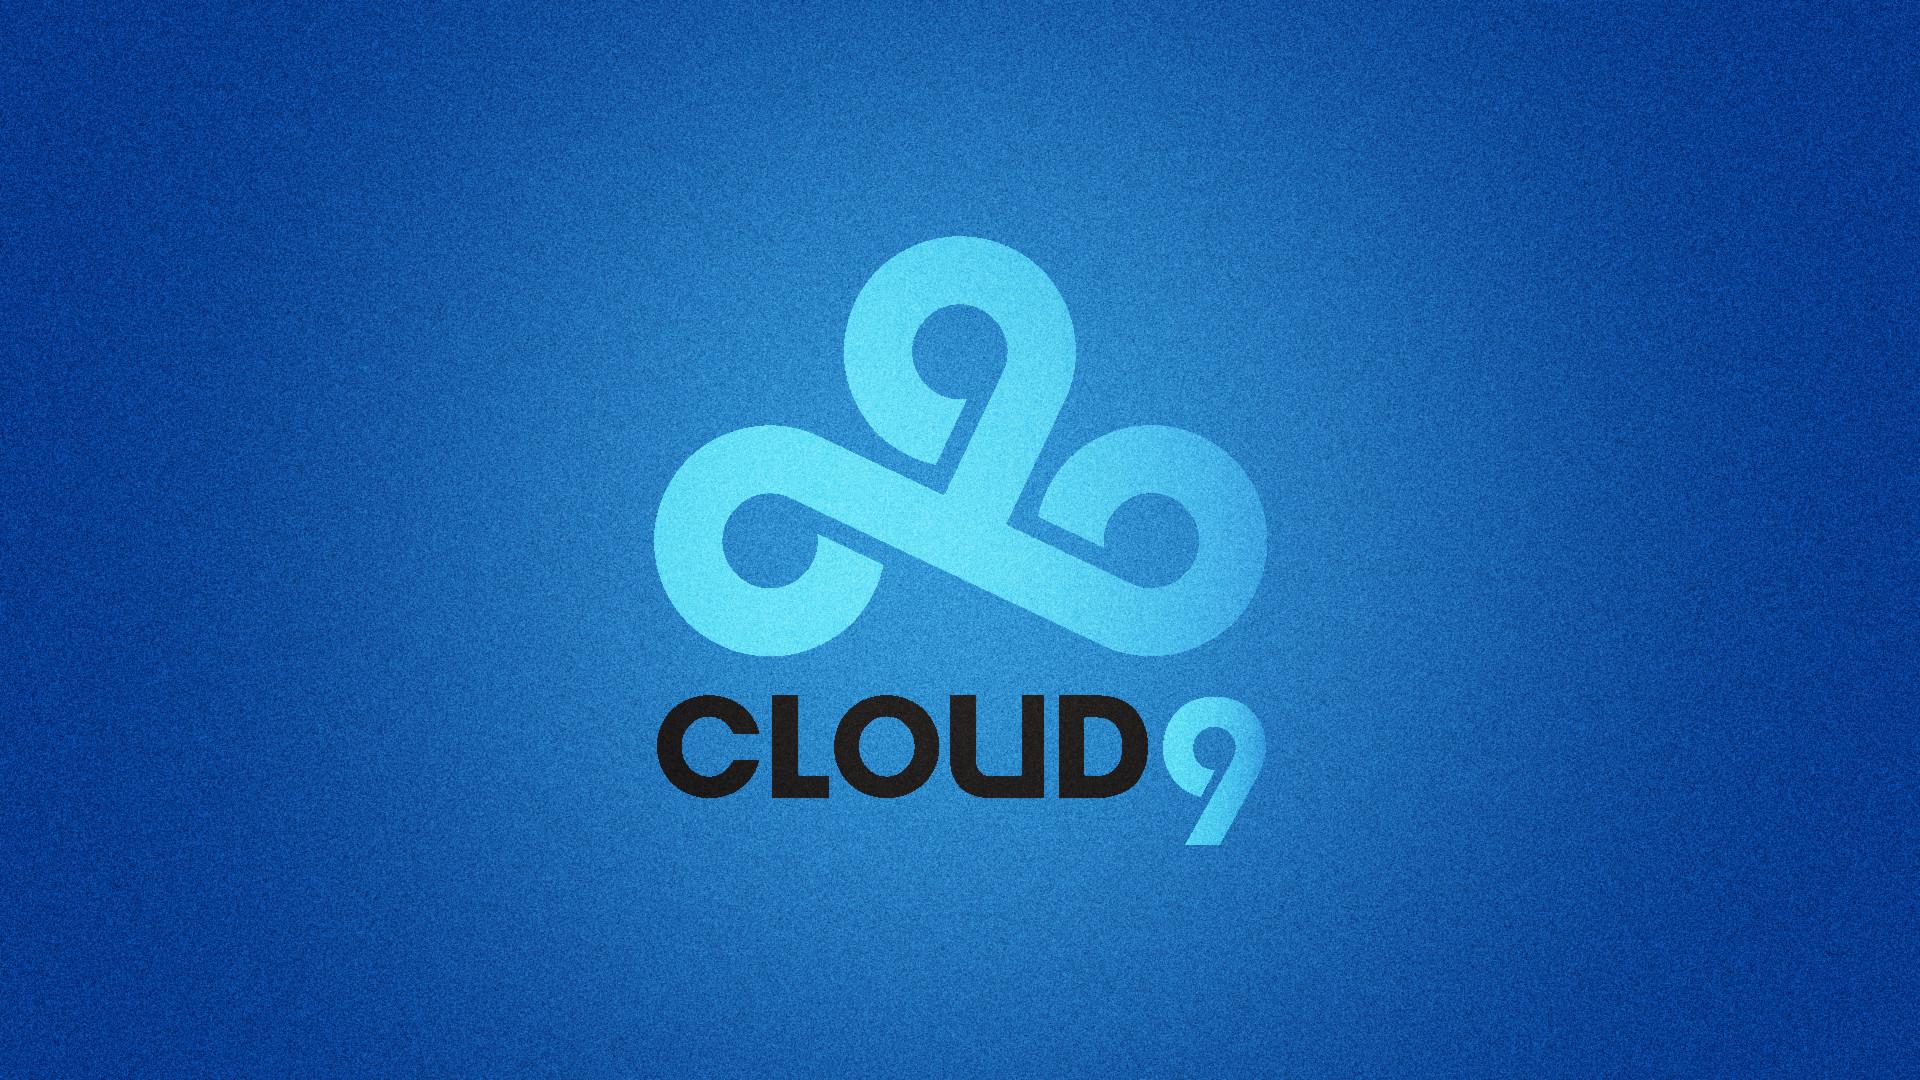 Cloud 9 – Noise